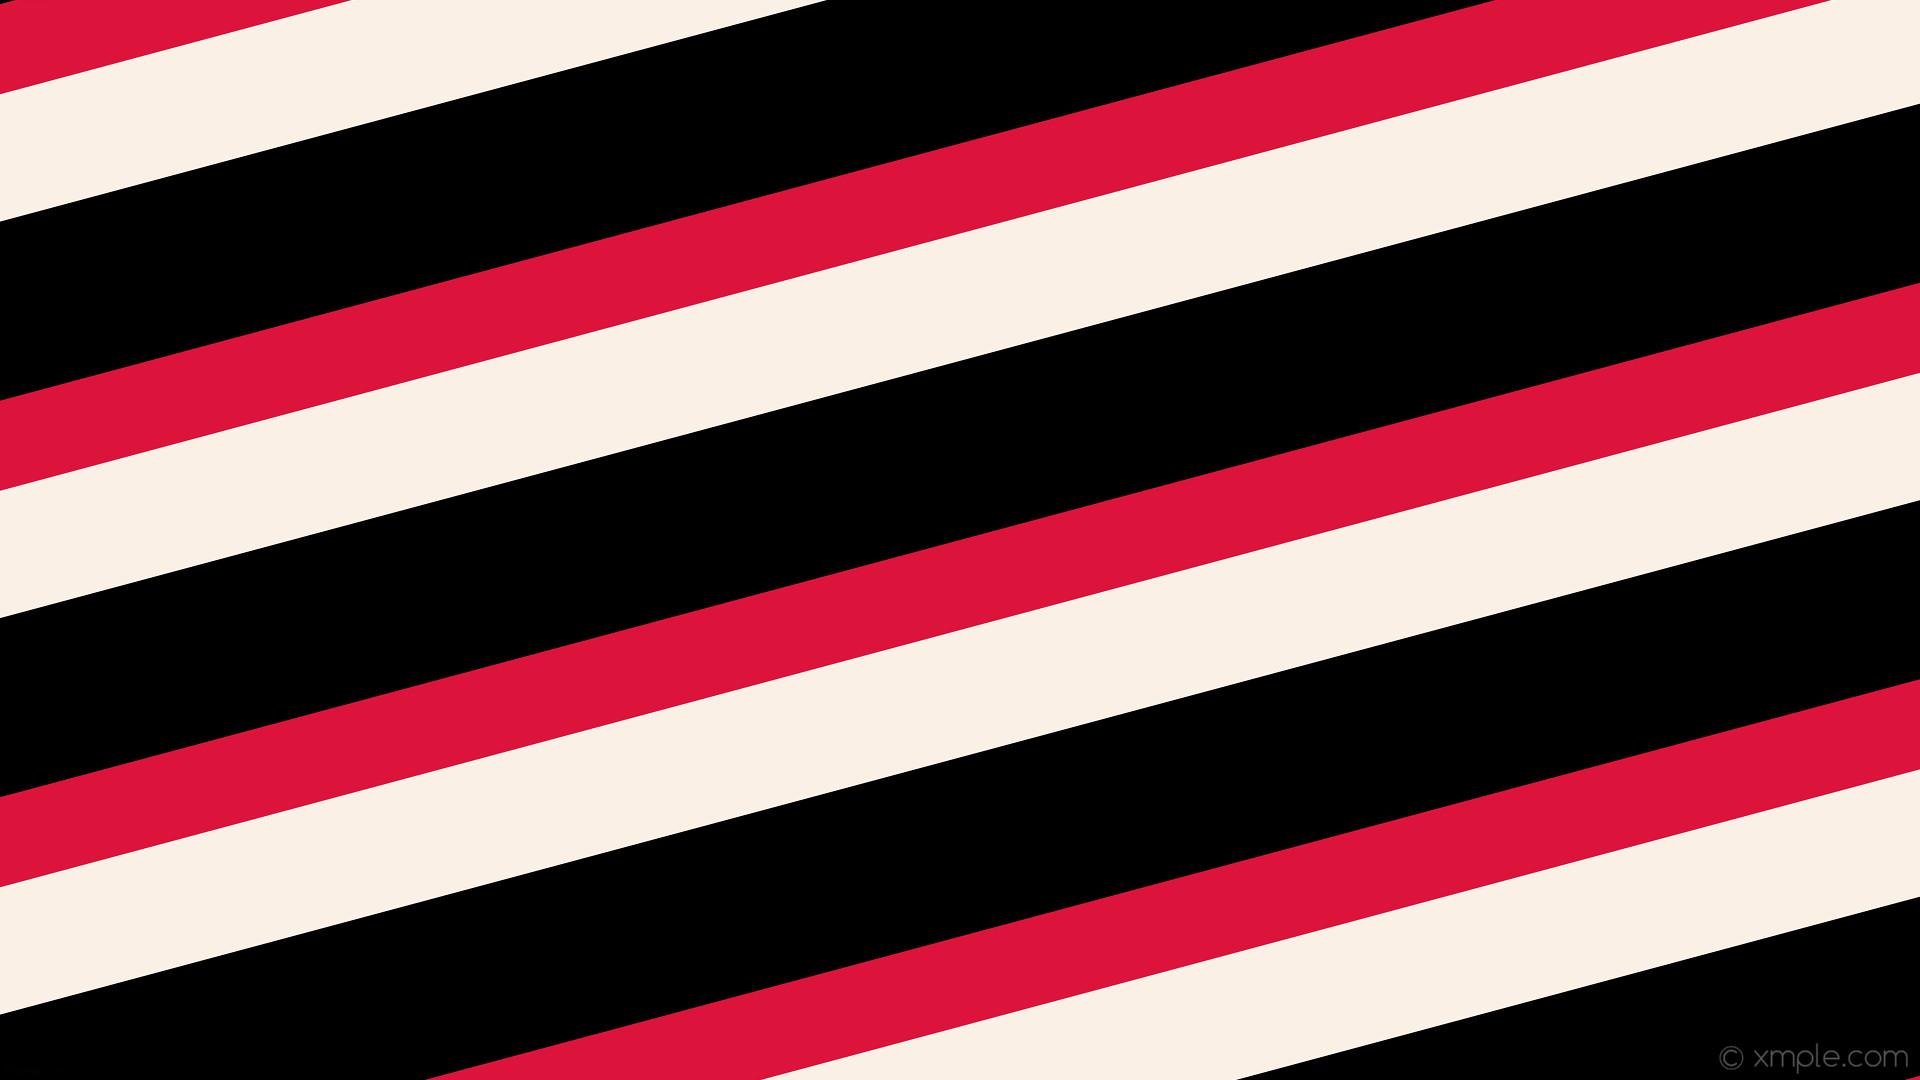 wallpaper streaks lines red black white stripes crimson linen #dc143c  #faf0e6 #000000 diagonal